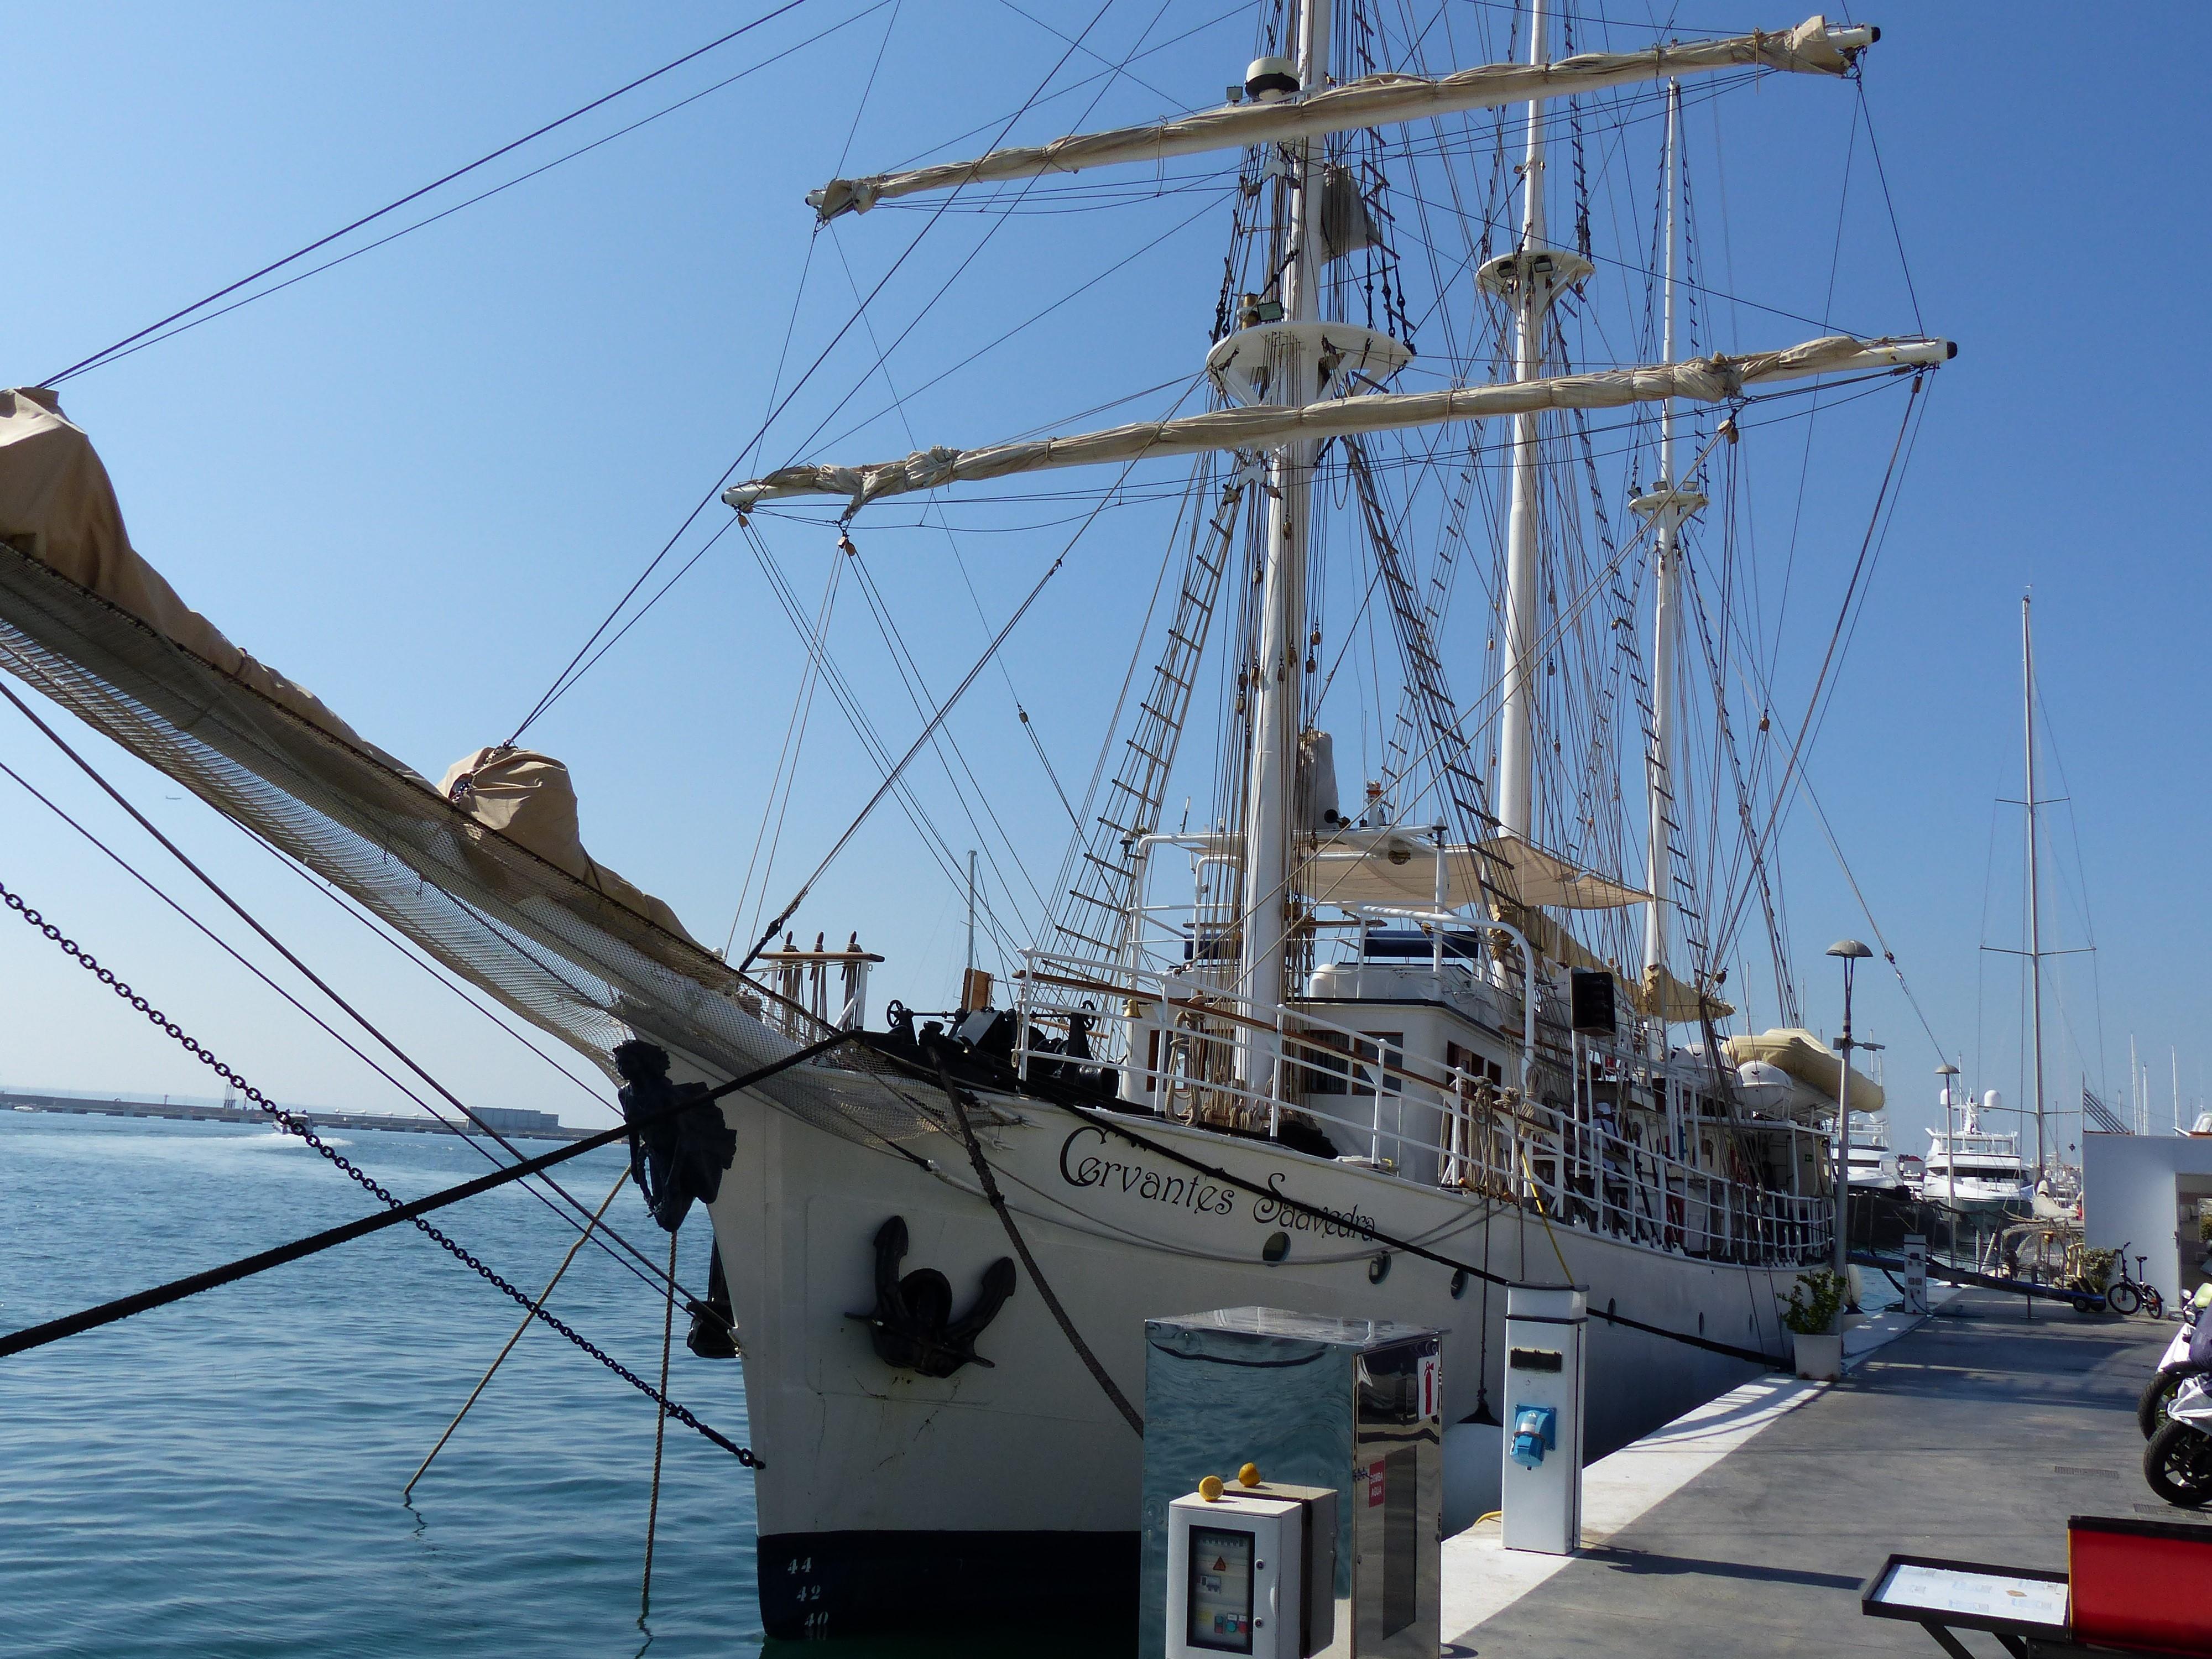 el-buque-escuela-cervantes-saavedra-en-marina-palma-cuarentena